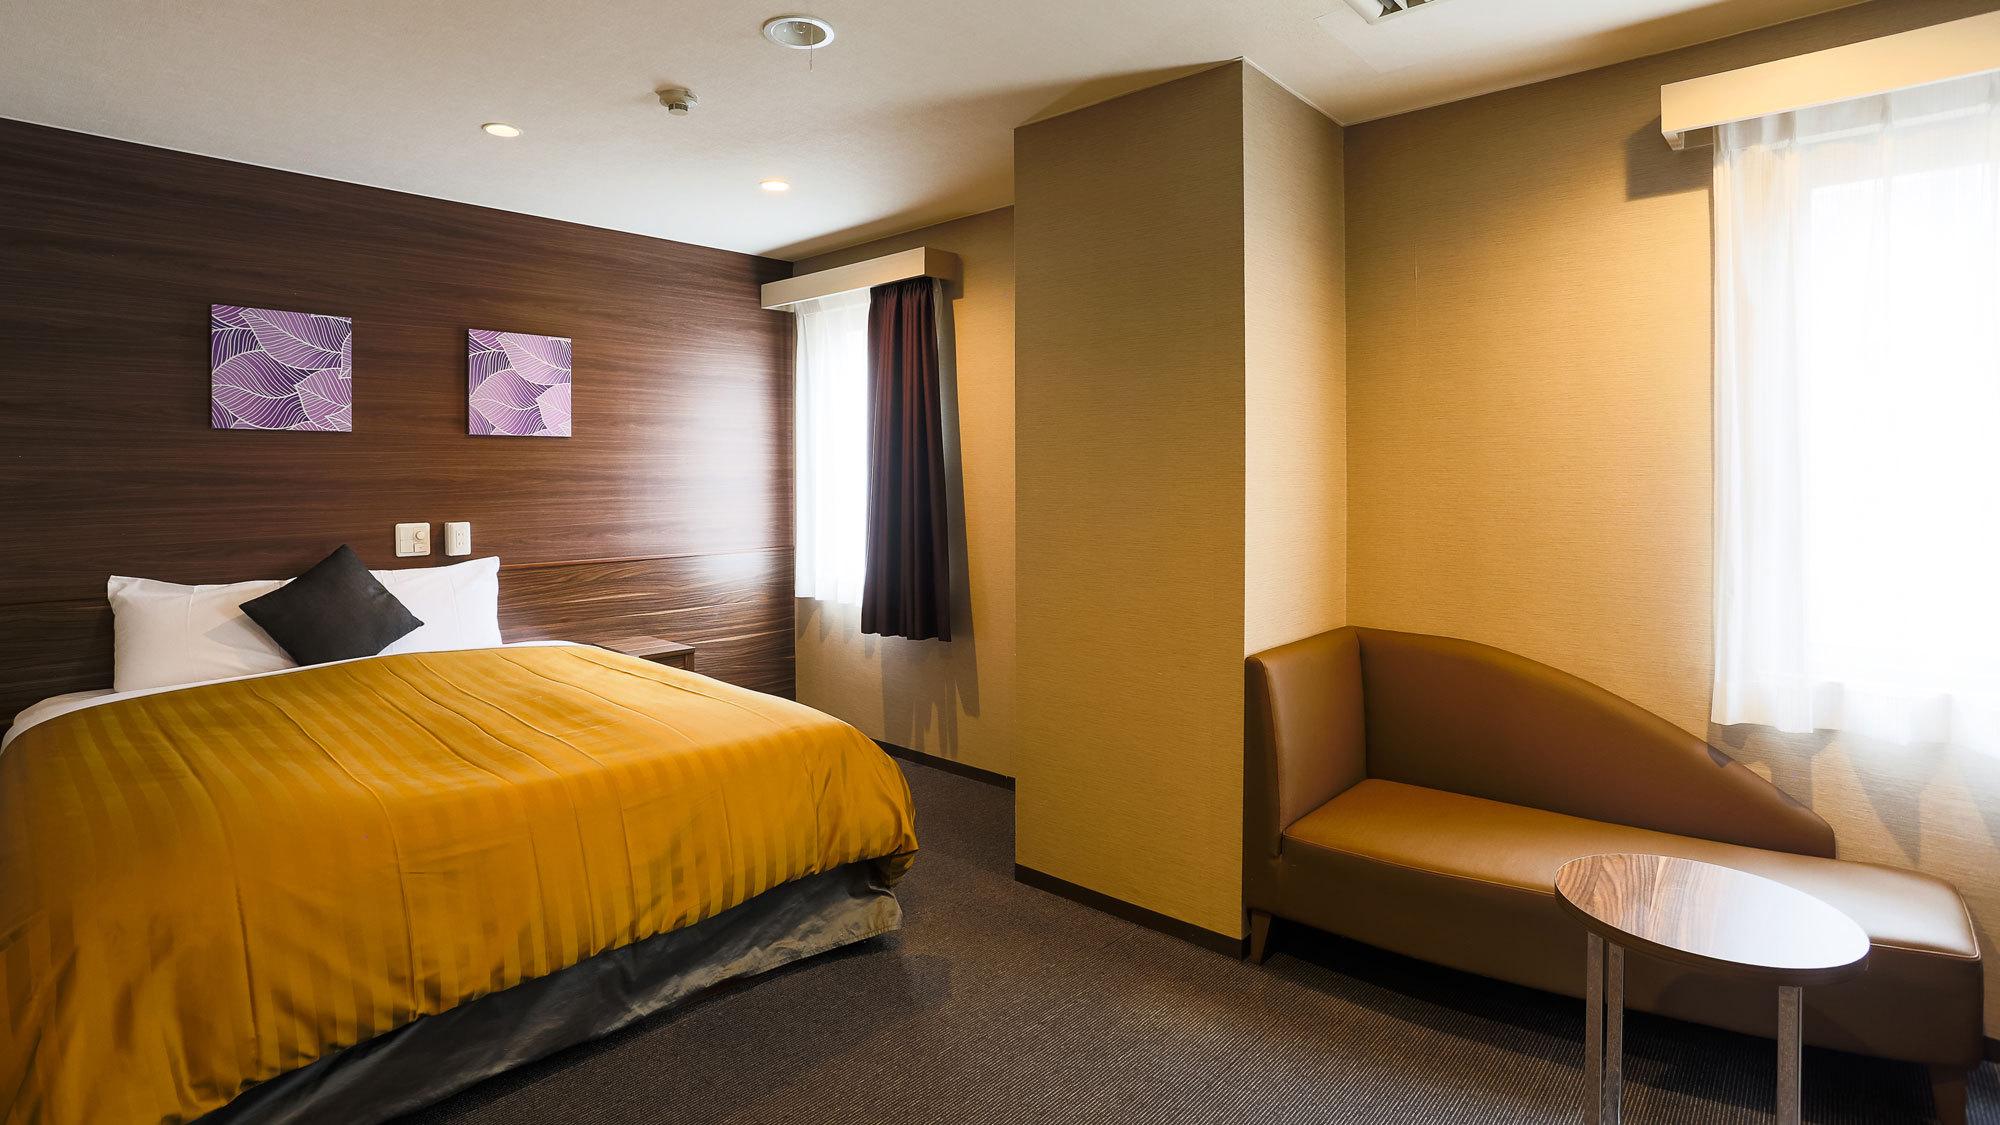 【客室一例】スーペリアダブル(ベッド幅160190cm)